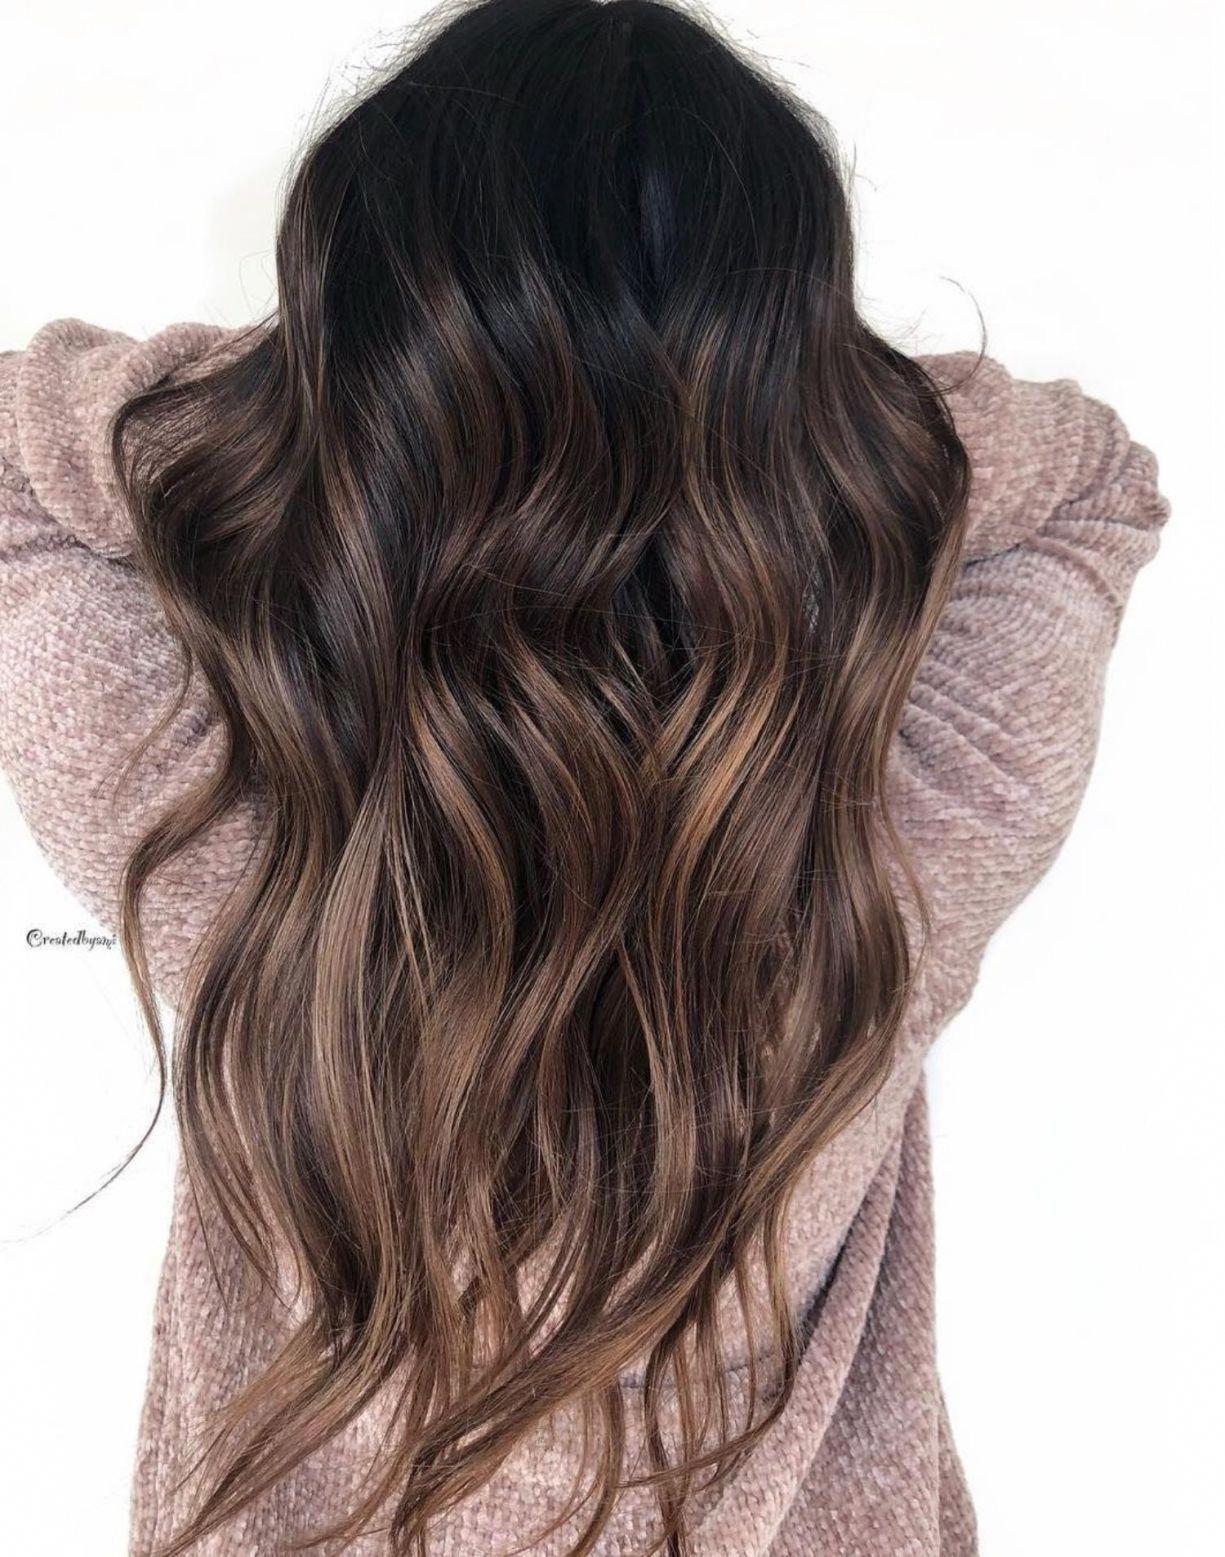 60 acconciature con capelli castano scuro con riflessi #brownhairbalayage